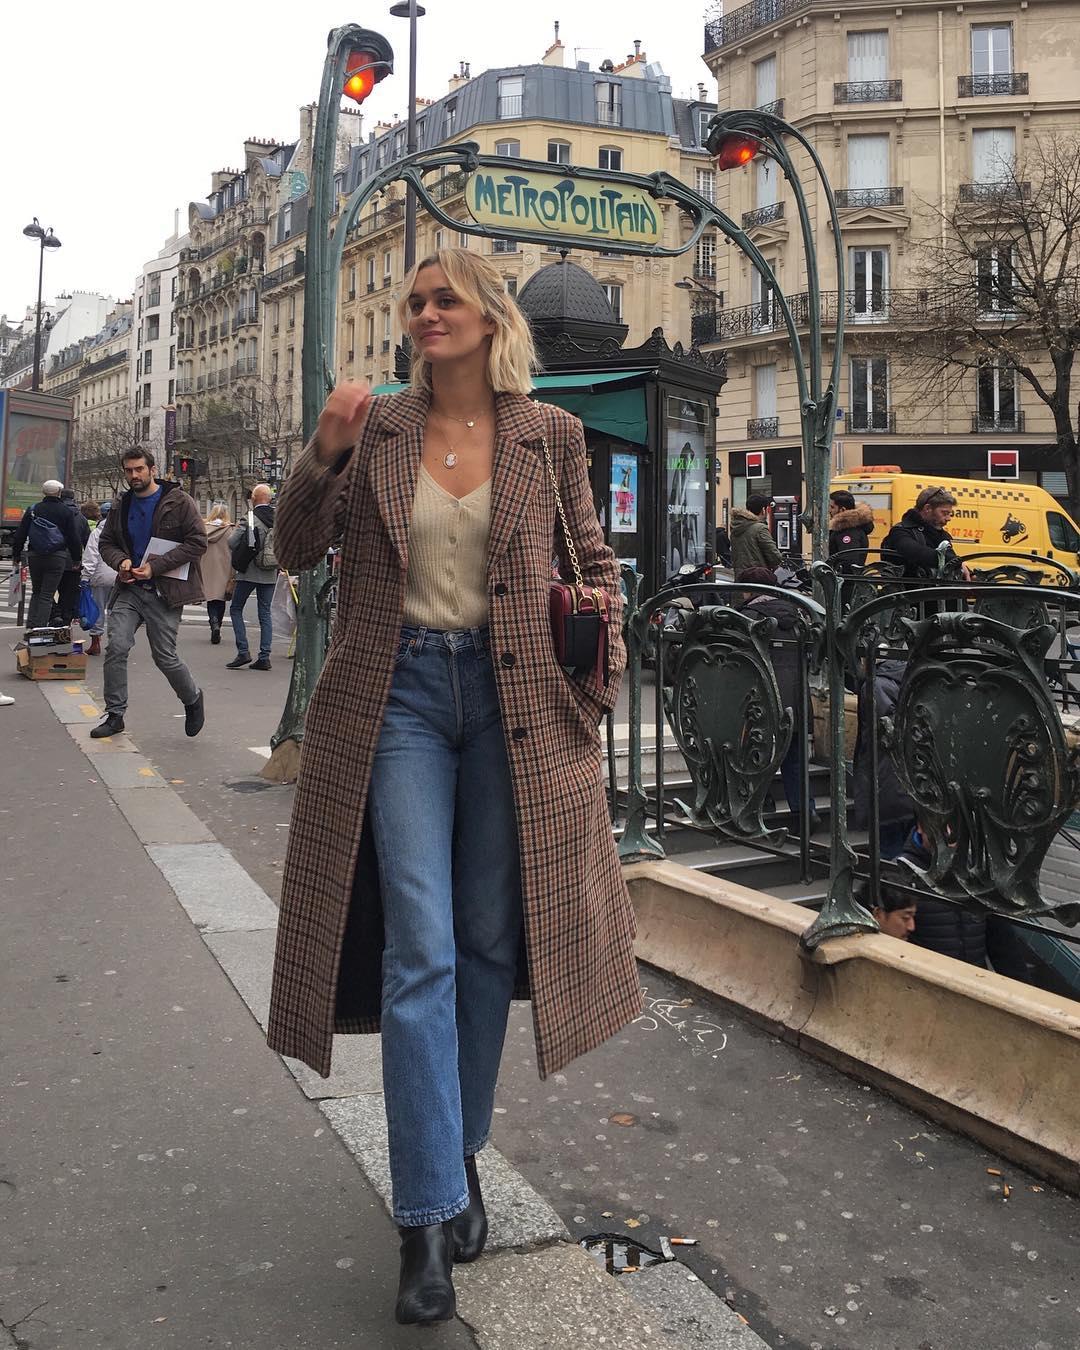 Hội IT Girl nước Pháp có đến 9 bí kíp diện đồ để không bao giờ mặc xấu, chỉ thanh lịch và sang chảnh trở lên - Ảnh 20